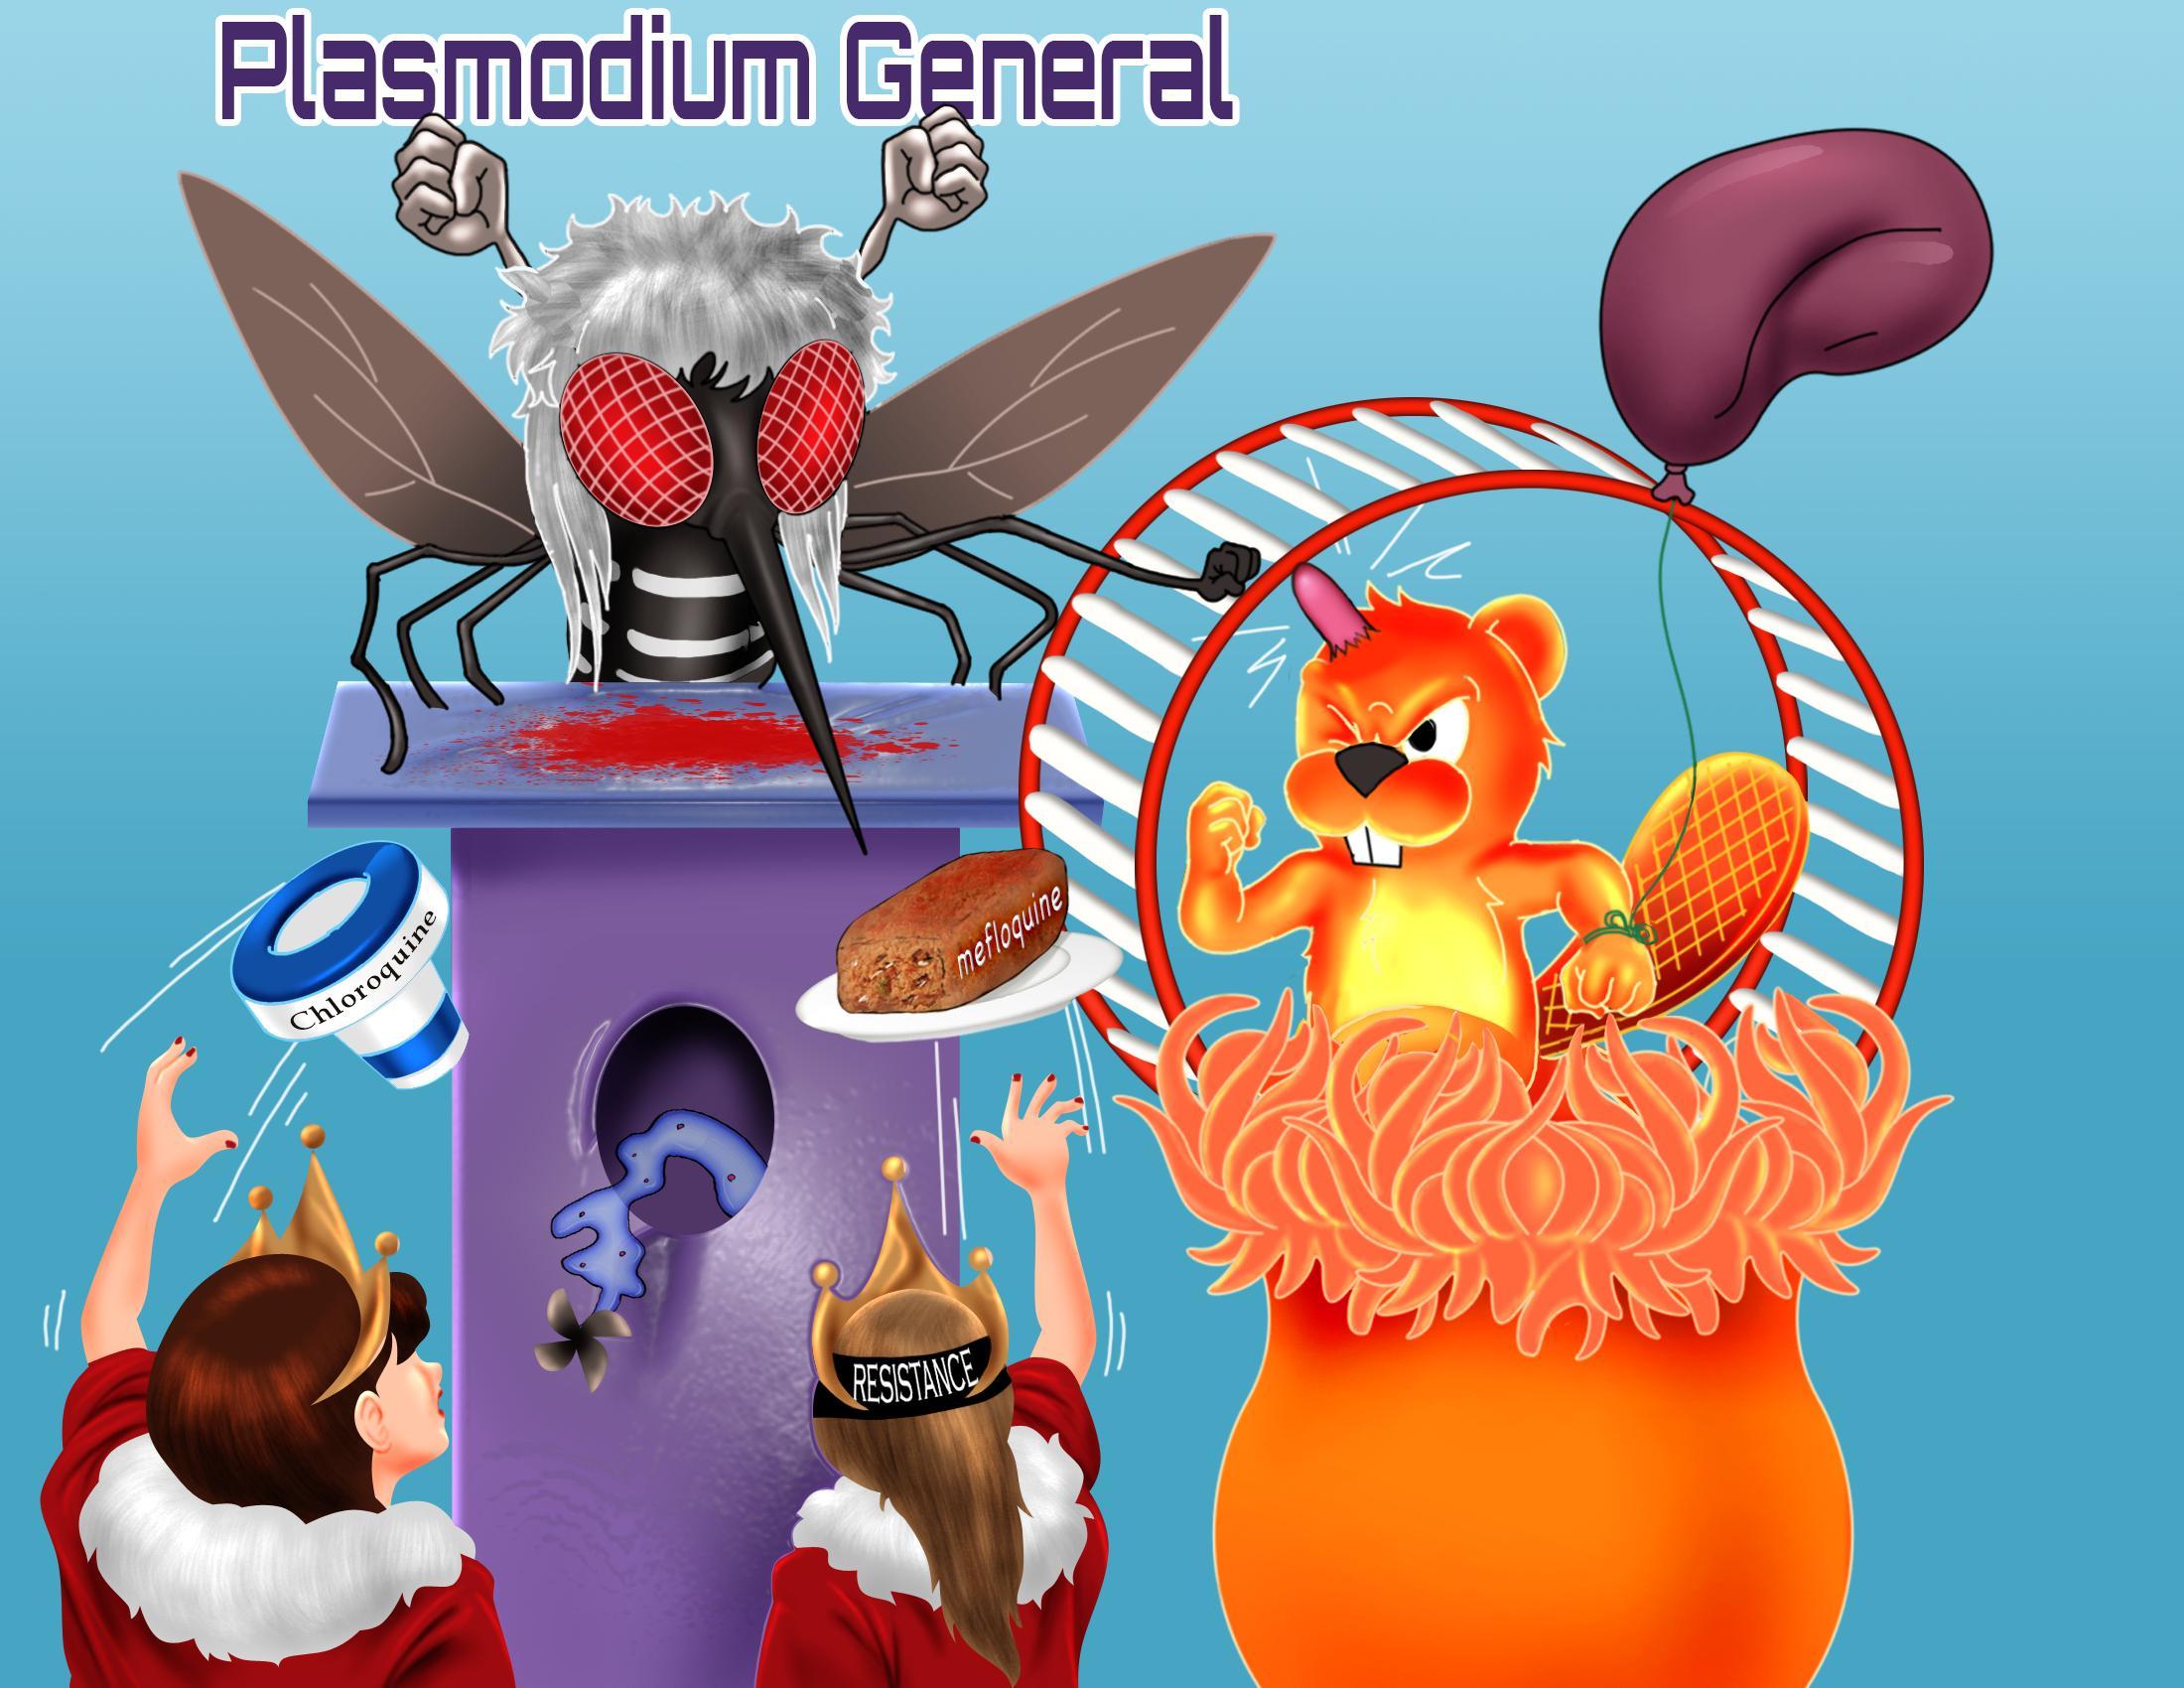 Plasmodium General